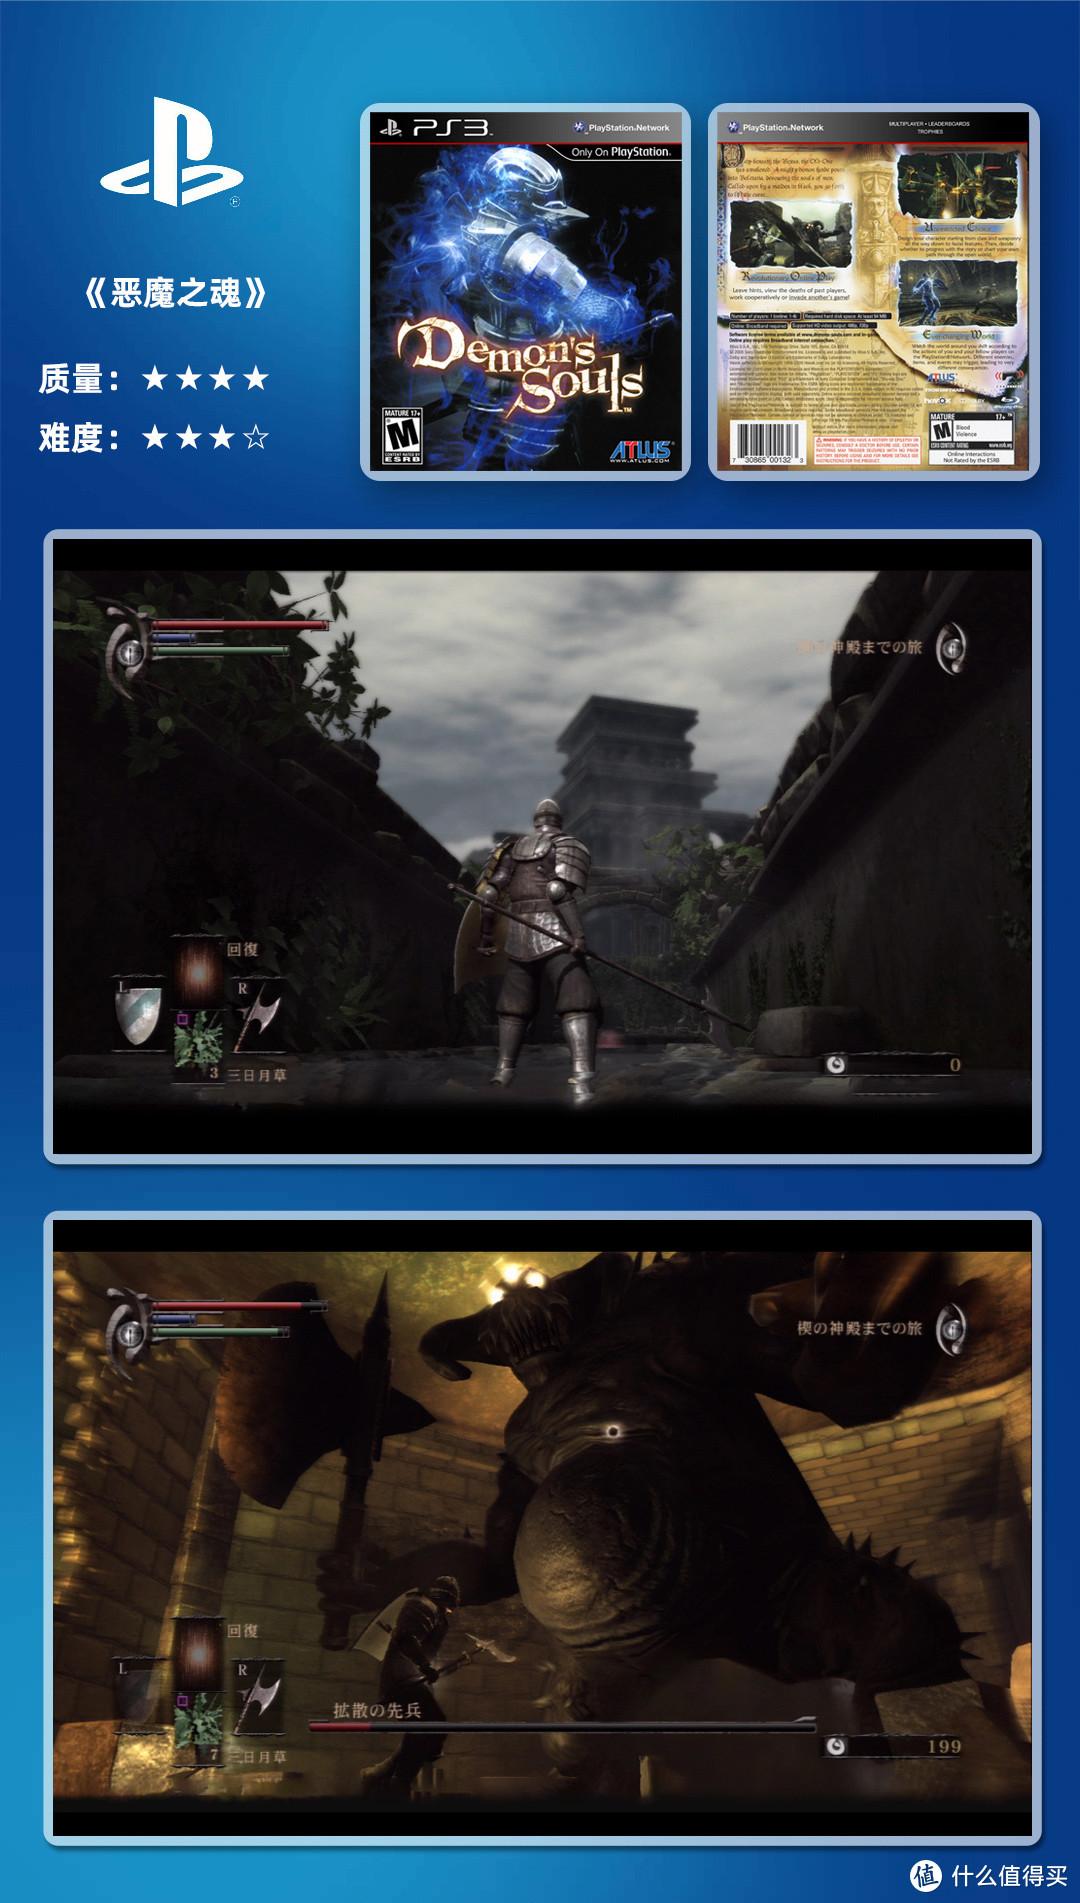 【等待收藏】千元制霸历代索尼主机,畅玩62款经典大作!